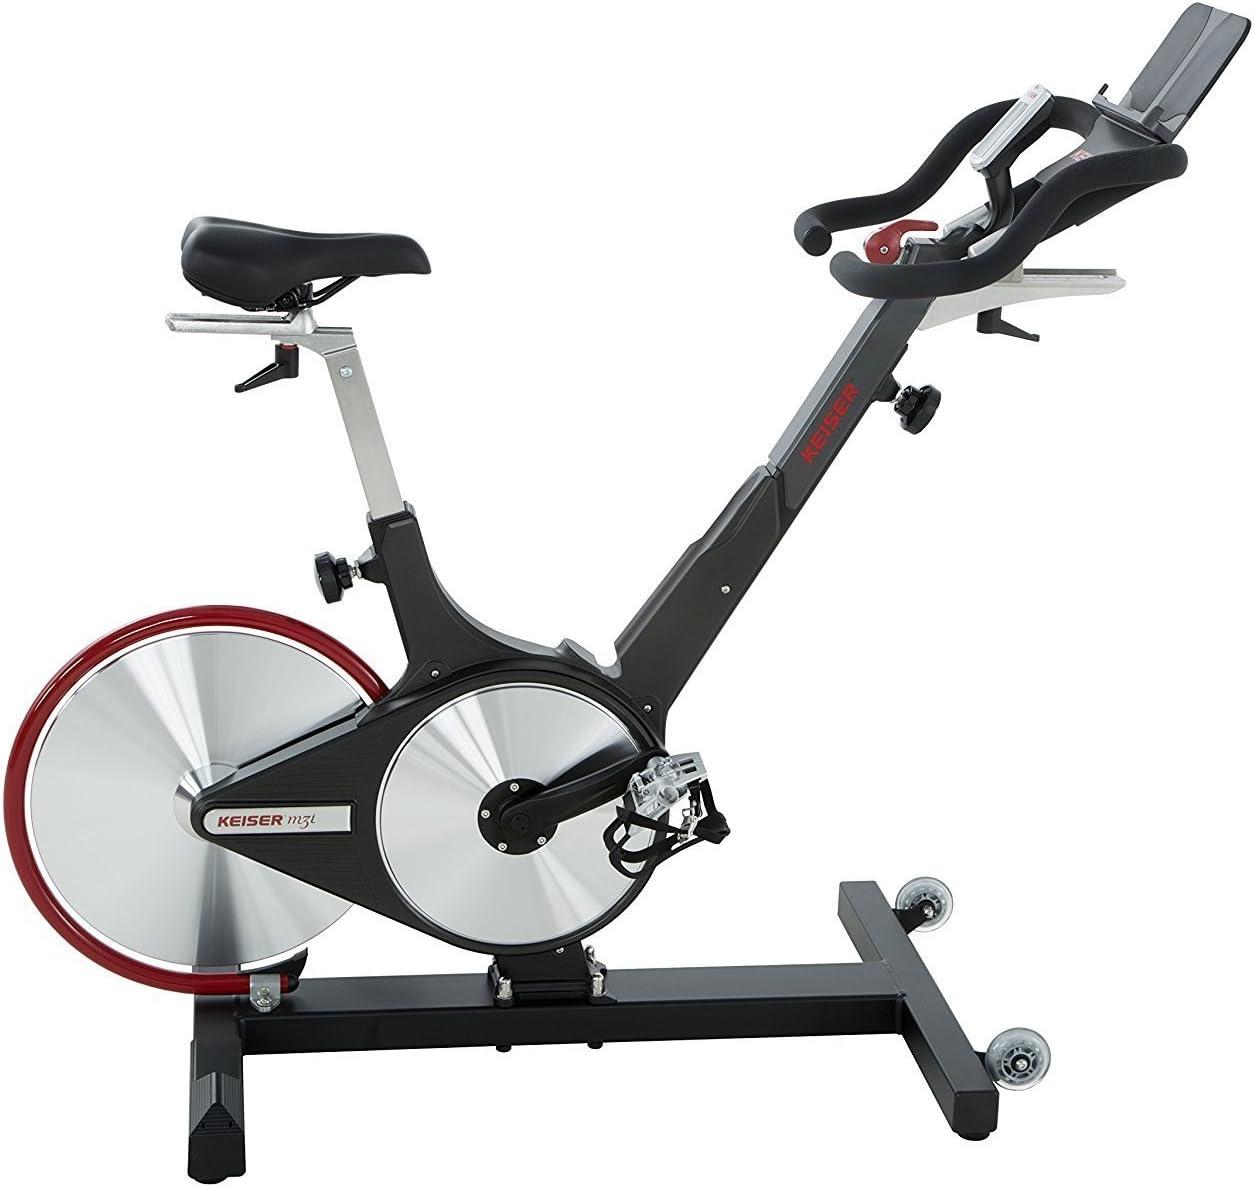 Keiser m3bike-i Indoor Cycle: Amazon.es: Deportes y aire libre